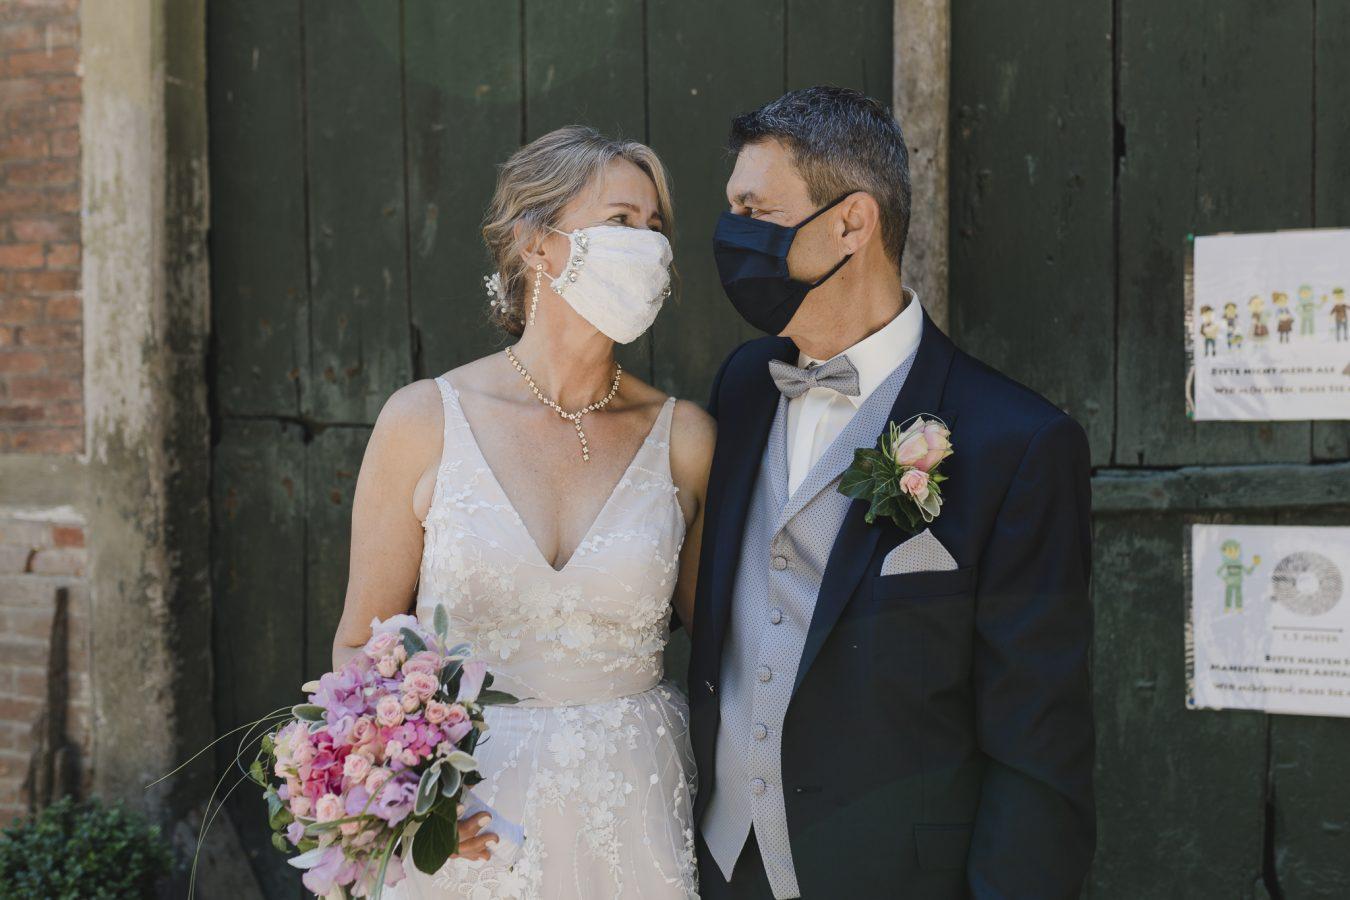 Das Brautpaar trägt eine Maske bei ihrer Corona-Hochzeit